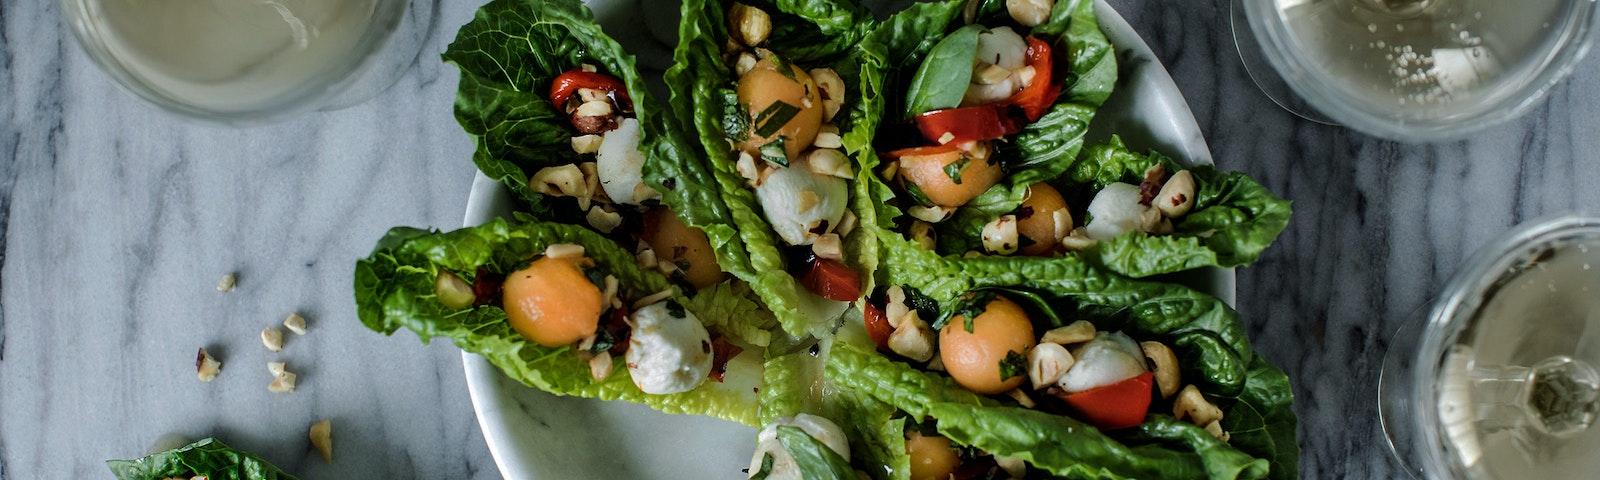 Salathapser med mozzarella, grillet peberfrugt og marineret melon